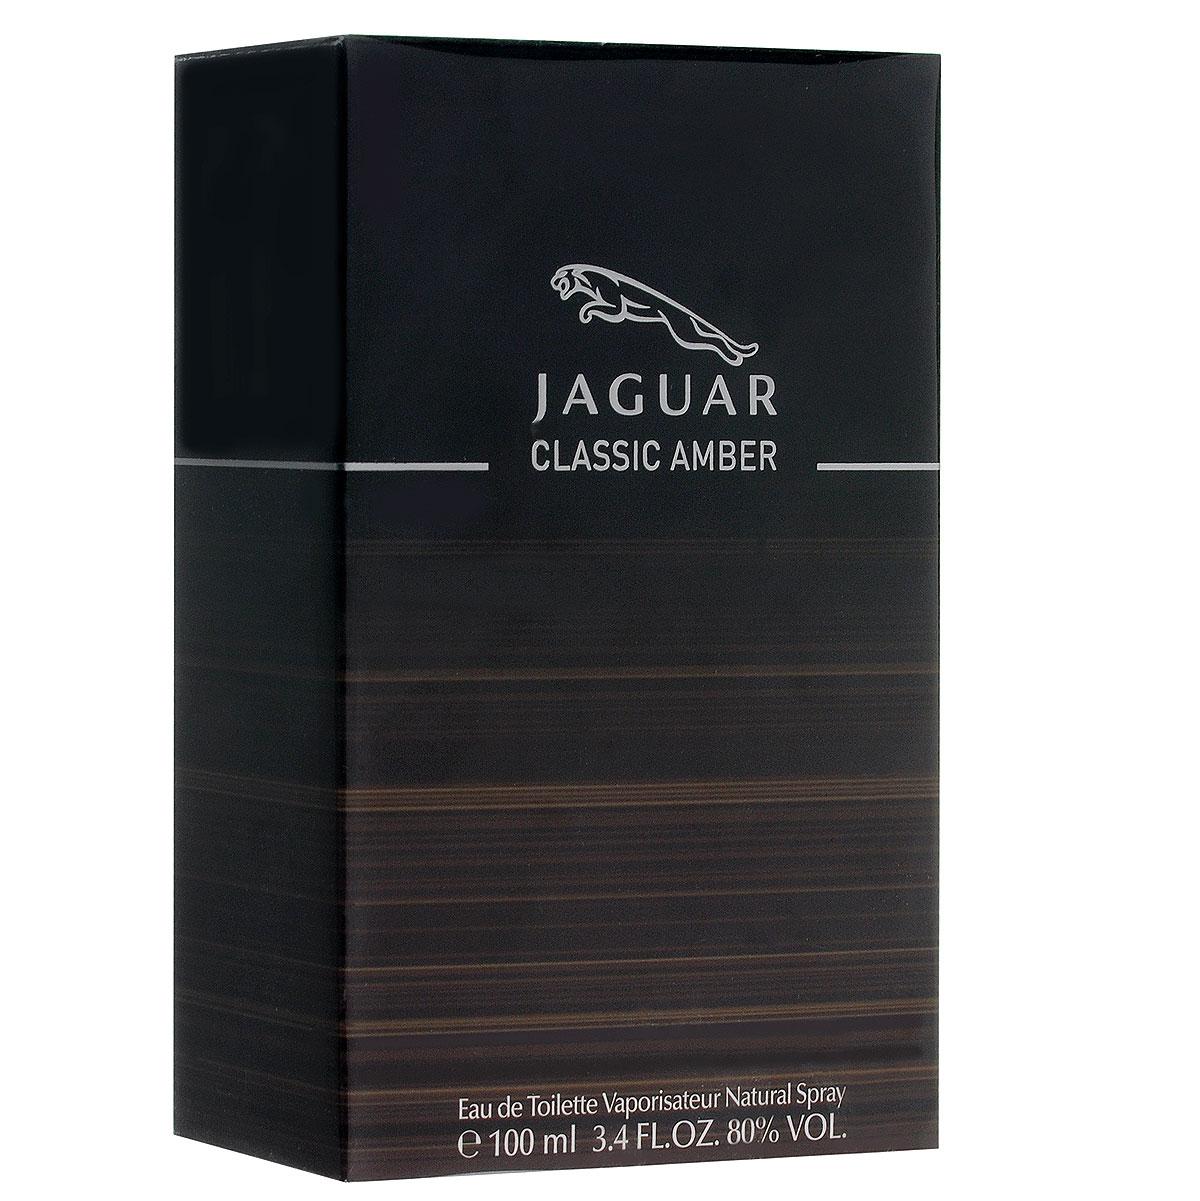 Jaguar Туалетная вода Classic Amber, мужская, 100 мл350012811068Аромат Classic Amber от Jaguar - настоящая мужская элегантность, заключенная во флаконе. Так же, как автомобили Jaguar, не зависимо от времени, аромат подчеркивает тот же стиль и изысканность. Парфюмер - Доминик Прейсса.Классификация аромата: фужерный, восточный.Пирамида аромата:Верхние ноты: мандарин, грейпфрут, петитгрейн, розовый перец.Ноты сердца: корица, смола элеми, пряный черный перец, флердоранж, яблоко.Ноты шлейфа: кедр, ветивер, ладан, ваниль, кожаный нюанс, мускус. Ключевые слова Мужественный, загадочный, чувственный! Туалетная вода - один из самых популярных видов парфюмерной продукции. Туалетная вода содержит 4-10%парфюмерного экстракта. Главные достоинства данного типа продукции заключаются в доступной цене, разнообразии форматов (как правило, 30, 50, 75, 100 мл), удобстве использования (чаще всего - спрей). Идеальна для дневного использования. Товар сертифицирован.